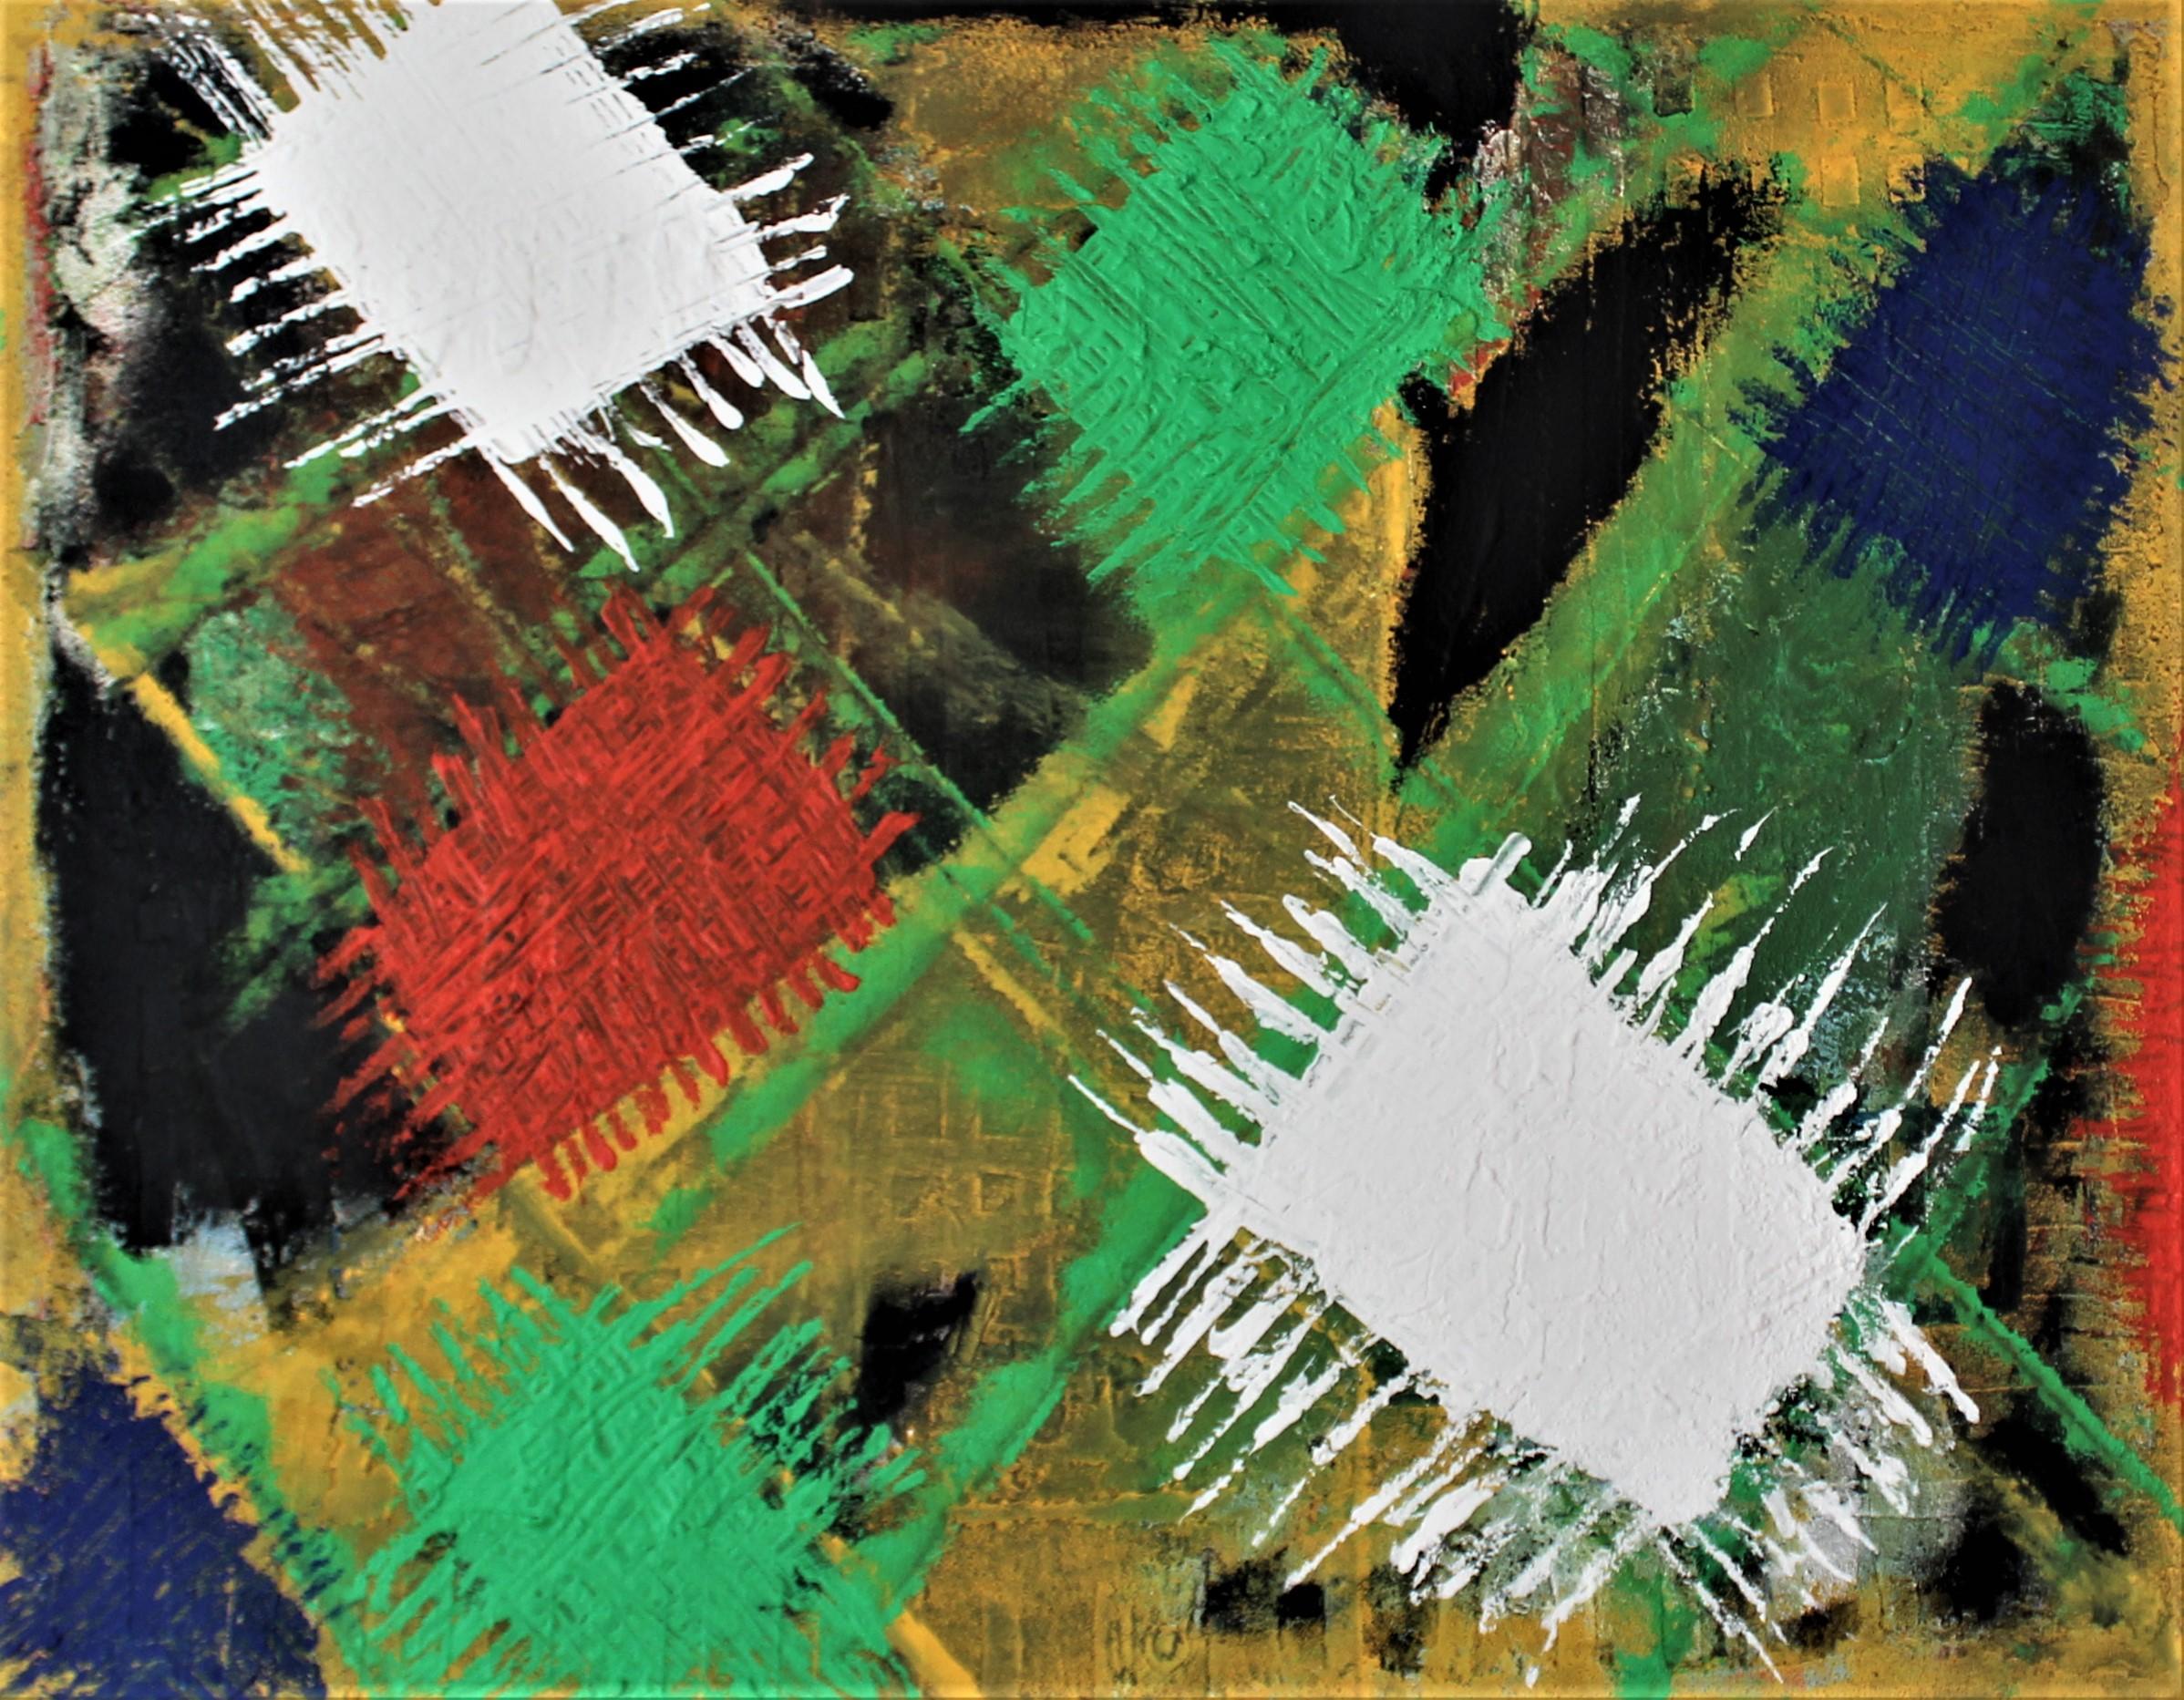 Jol Equagoo  Abstraction  11 - 2019jpg